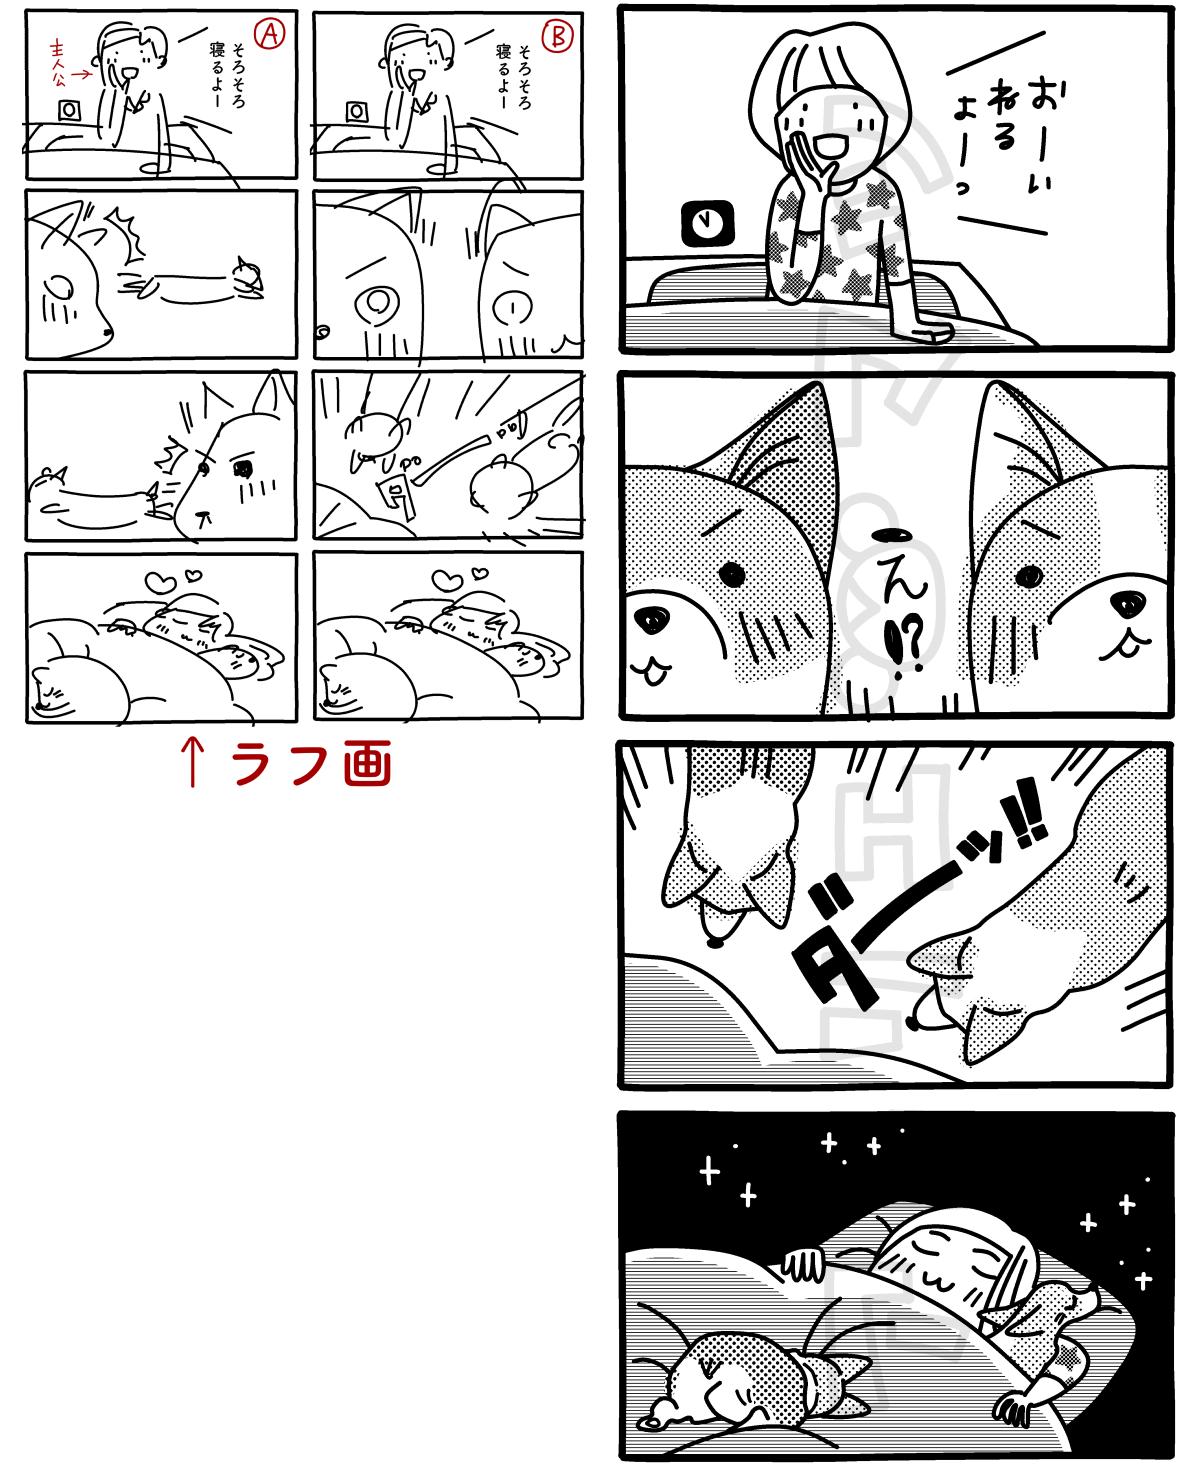 コーギーグッズ/モノクロ4コマ